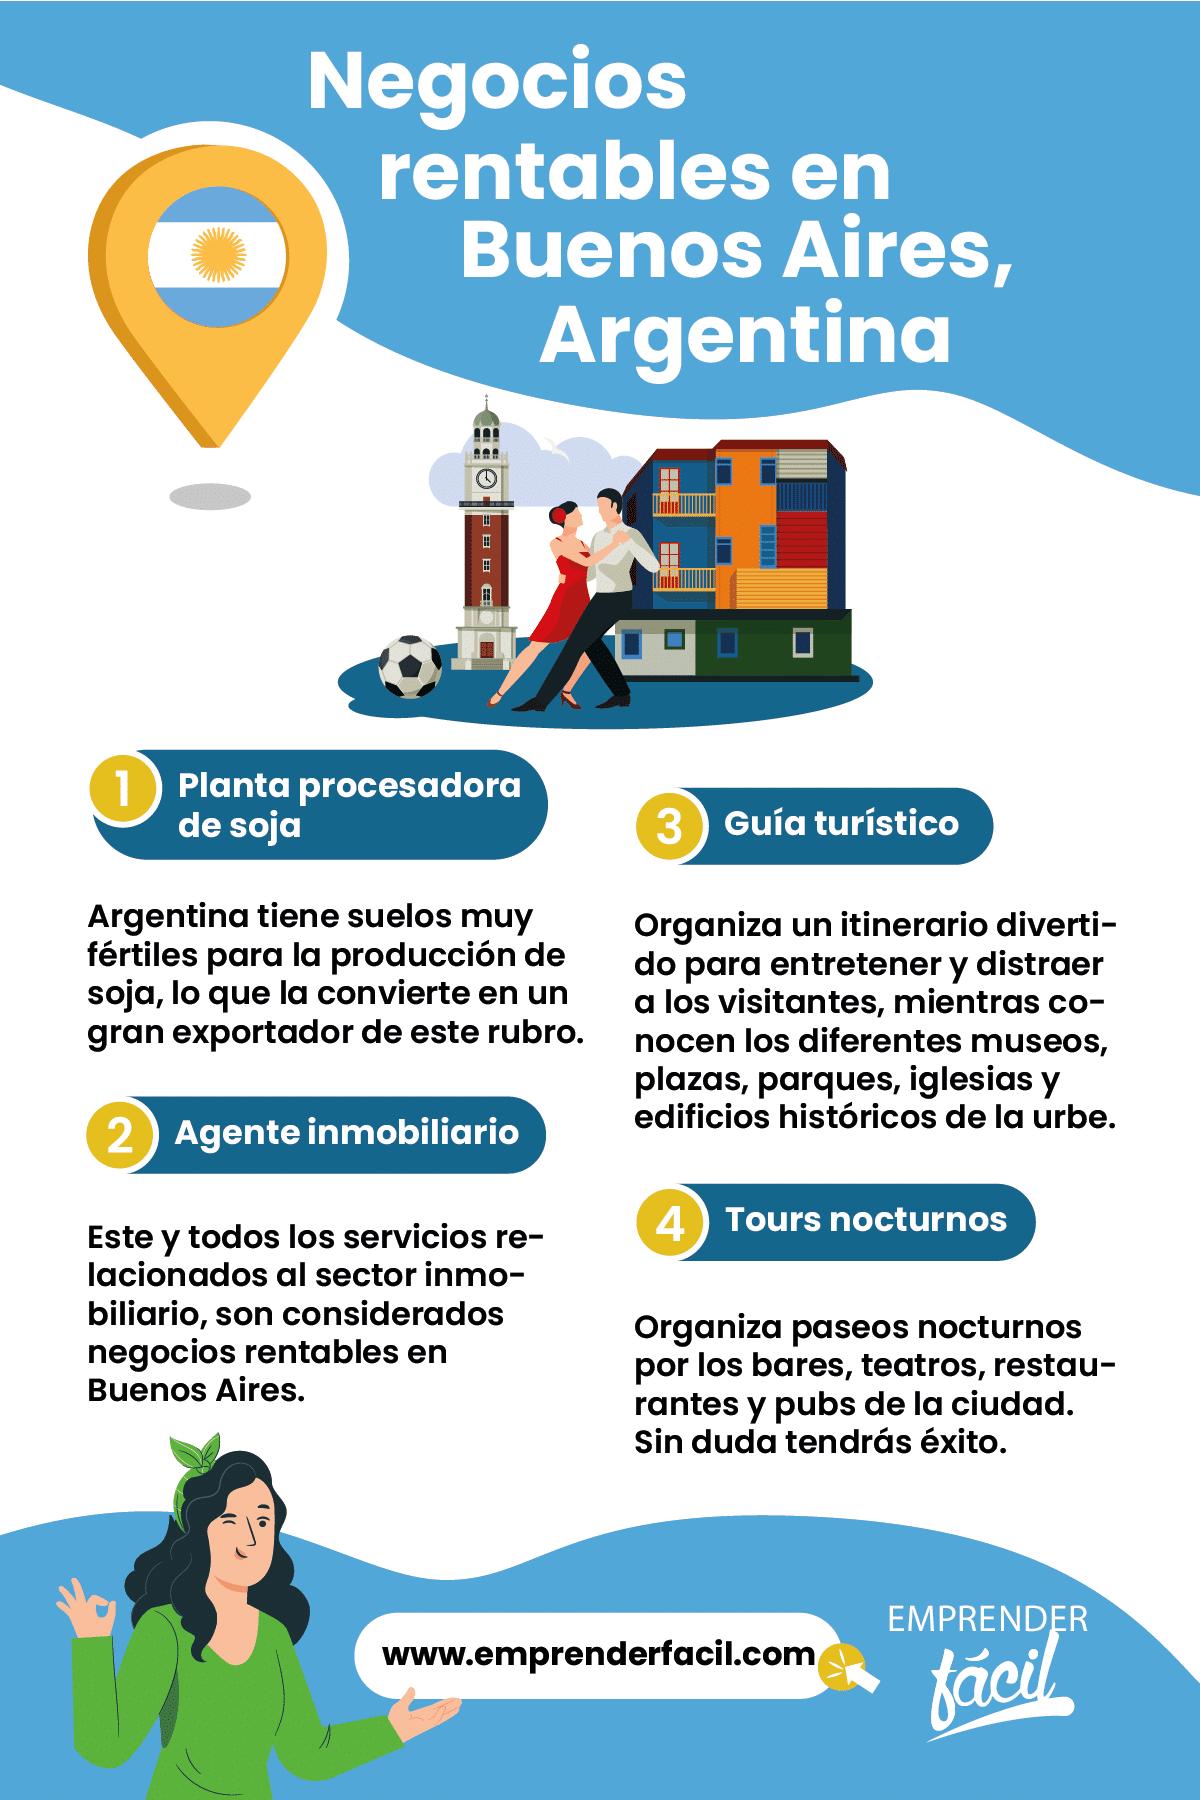 Buenos Aires es uno de los principales polos financieros y económicos de Argentina.